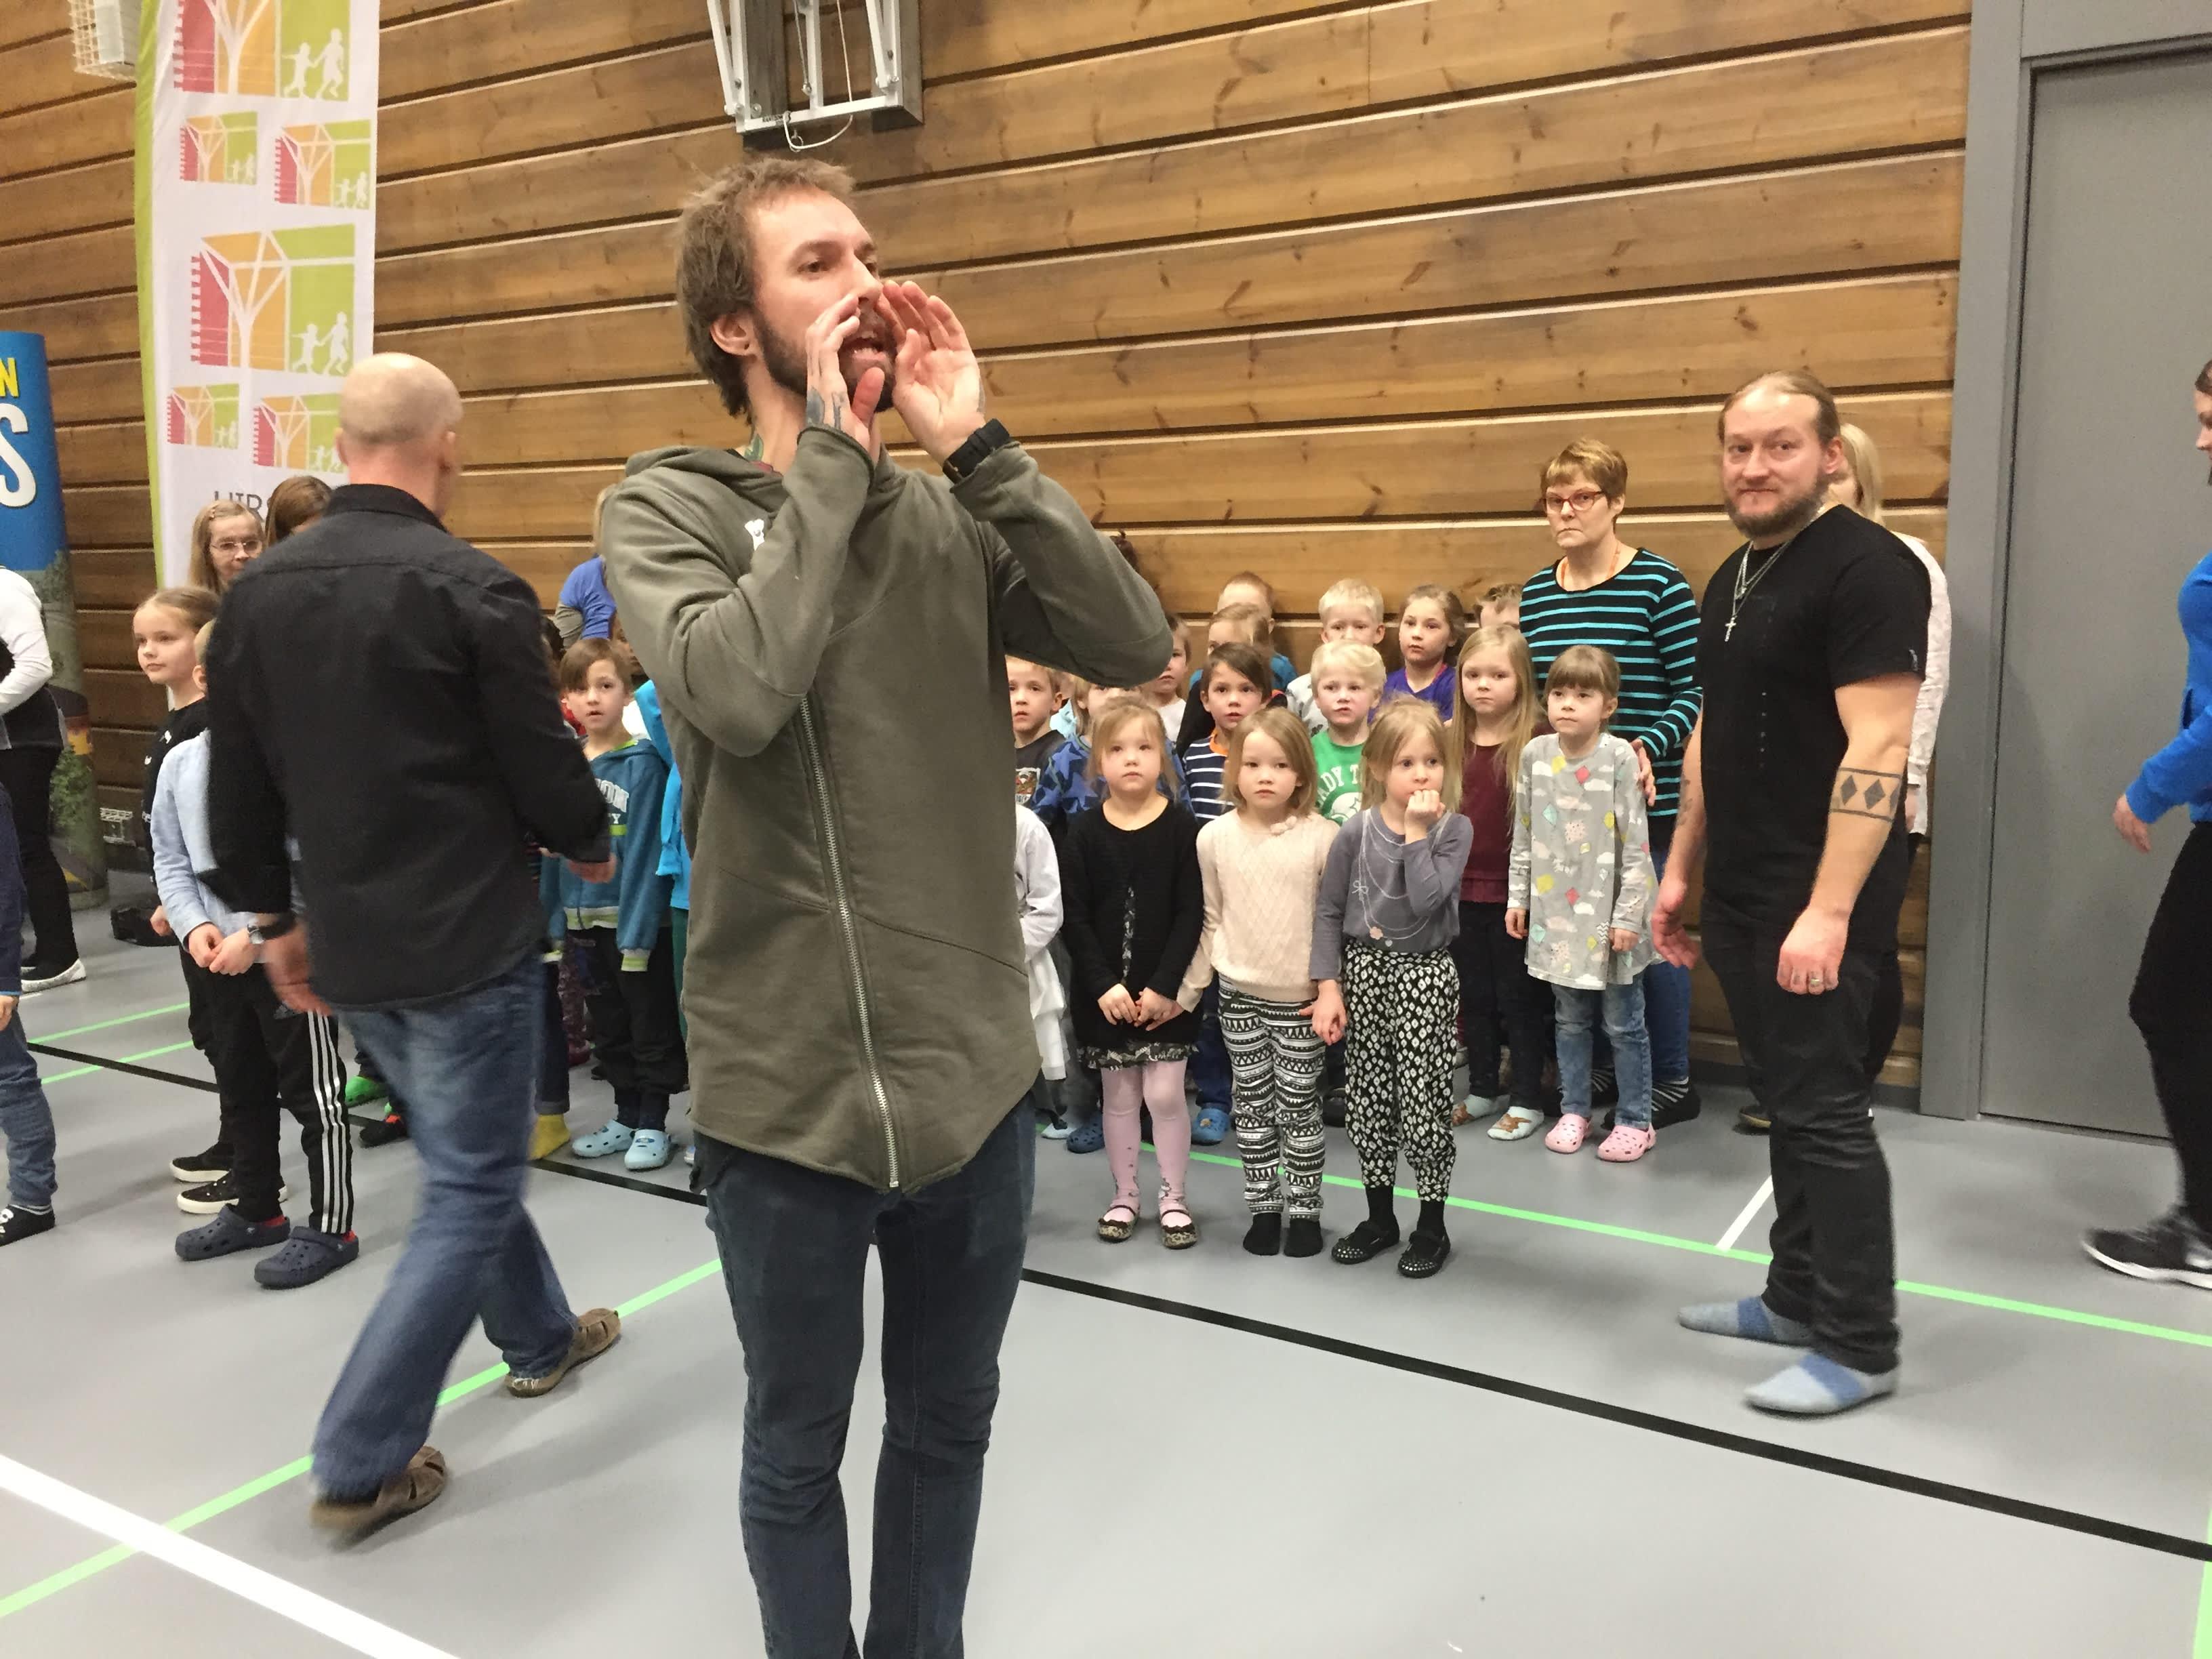 Luokkien ja Duudsonien yhteiskuvaukset käynnissä Pudasjärven hirsikoulukampuksella.